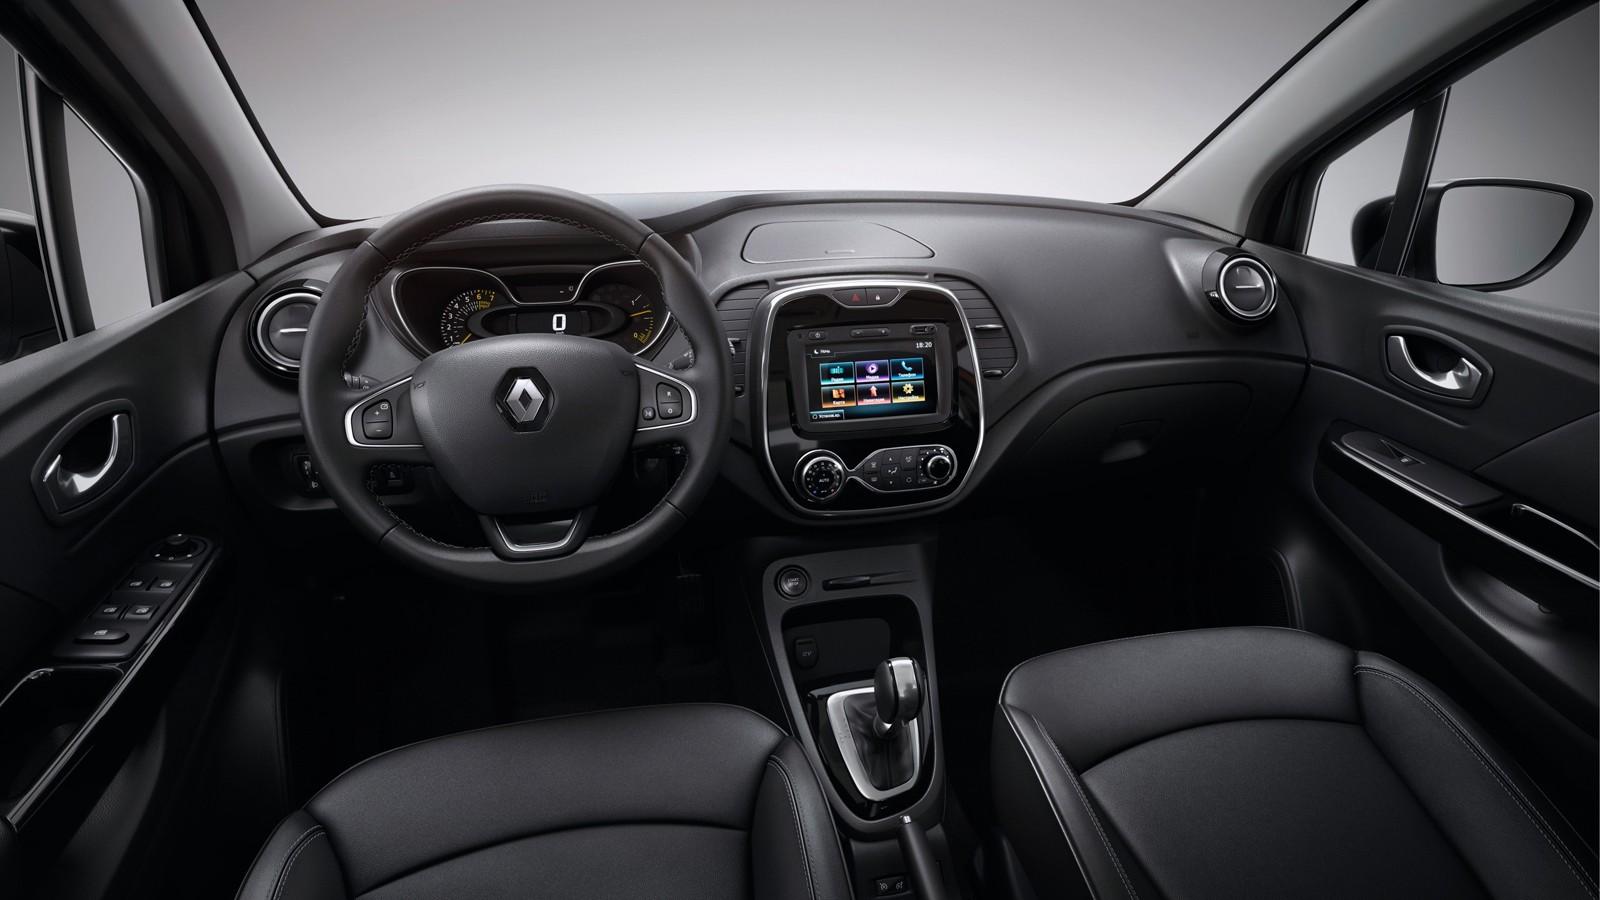 Renault_78269_ru_ru